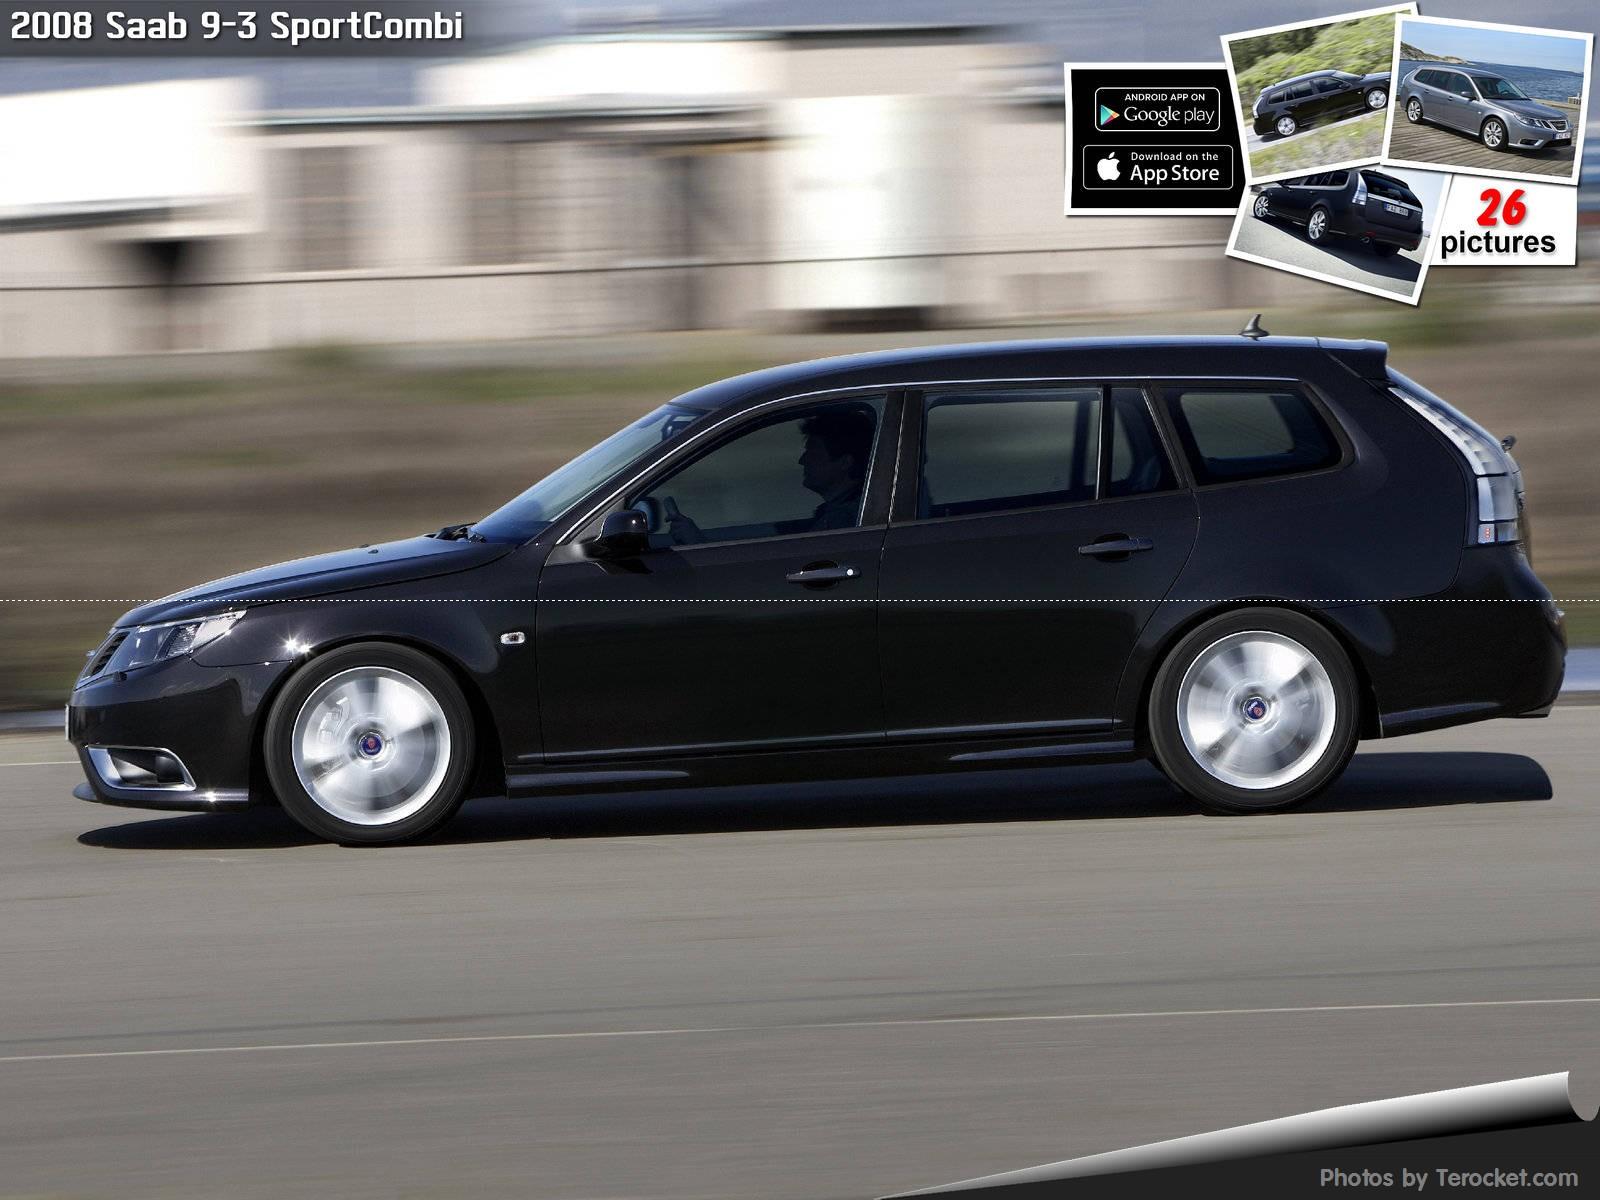 Hình ảnh xe ô tô Saab 9-3 SportCombi 2008 & nội ngoại thất